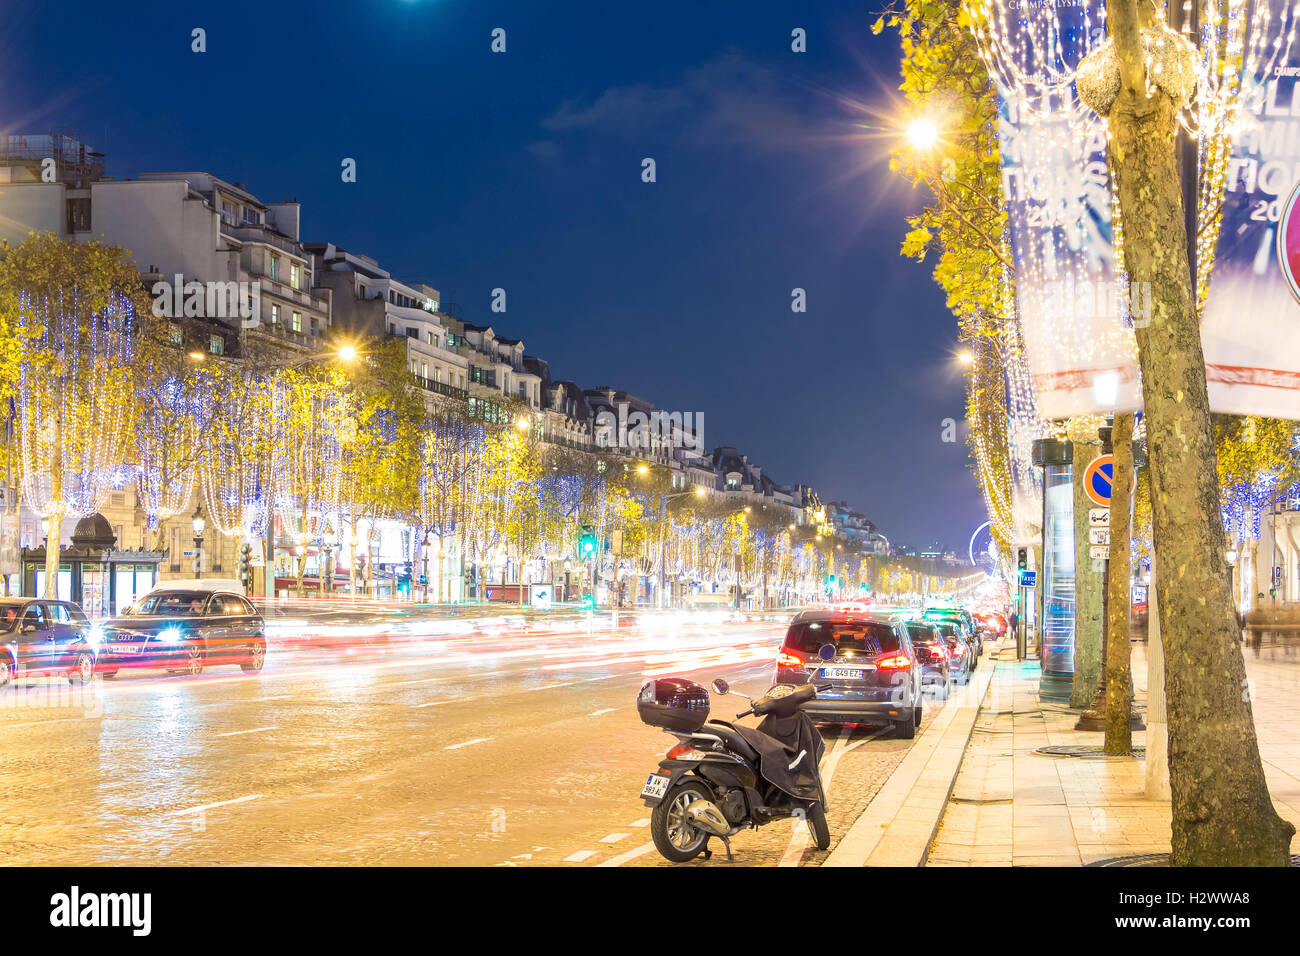 París; France-November 23, 2015 : La decoración de Navidad en la Avenida de los Campos Elíseos, el Imagen De Stock